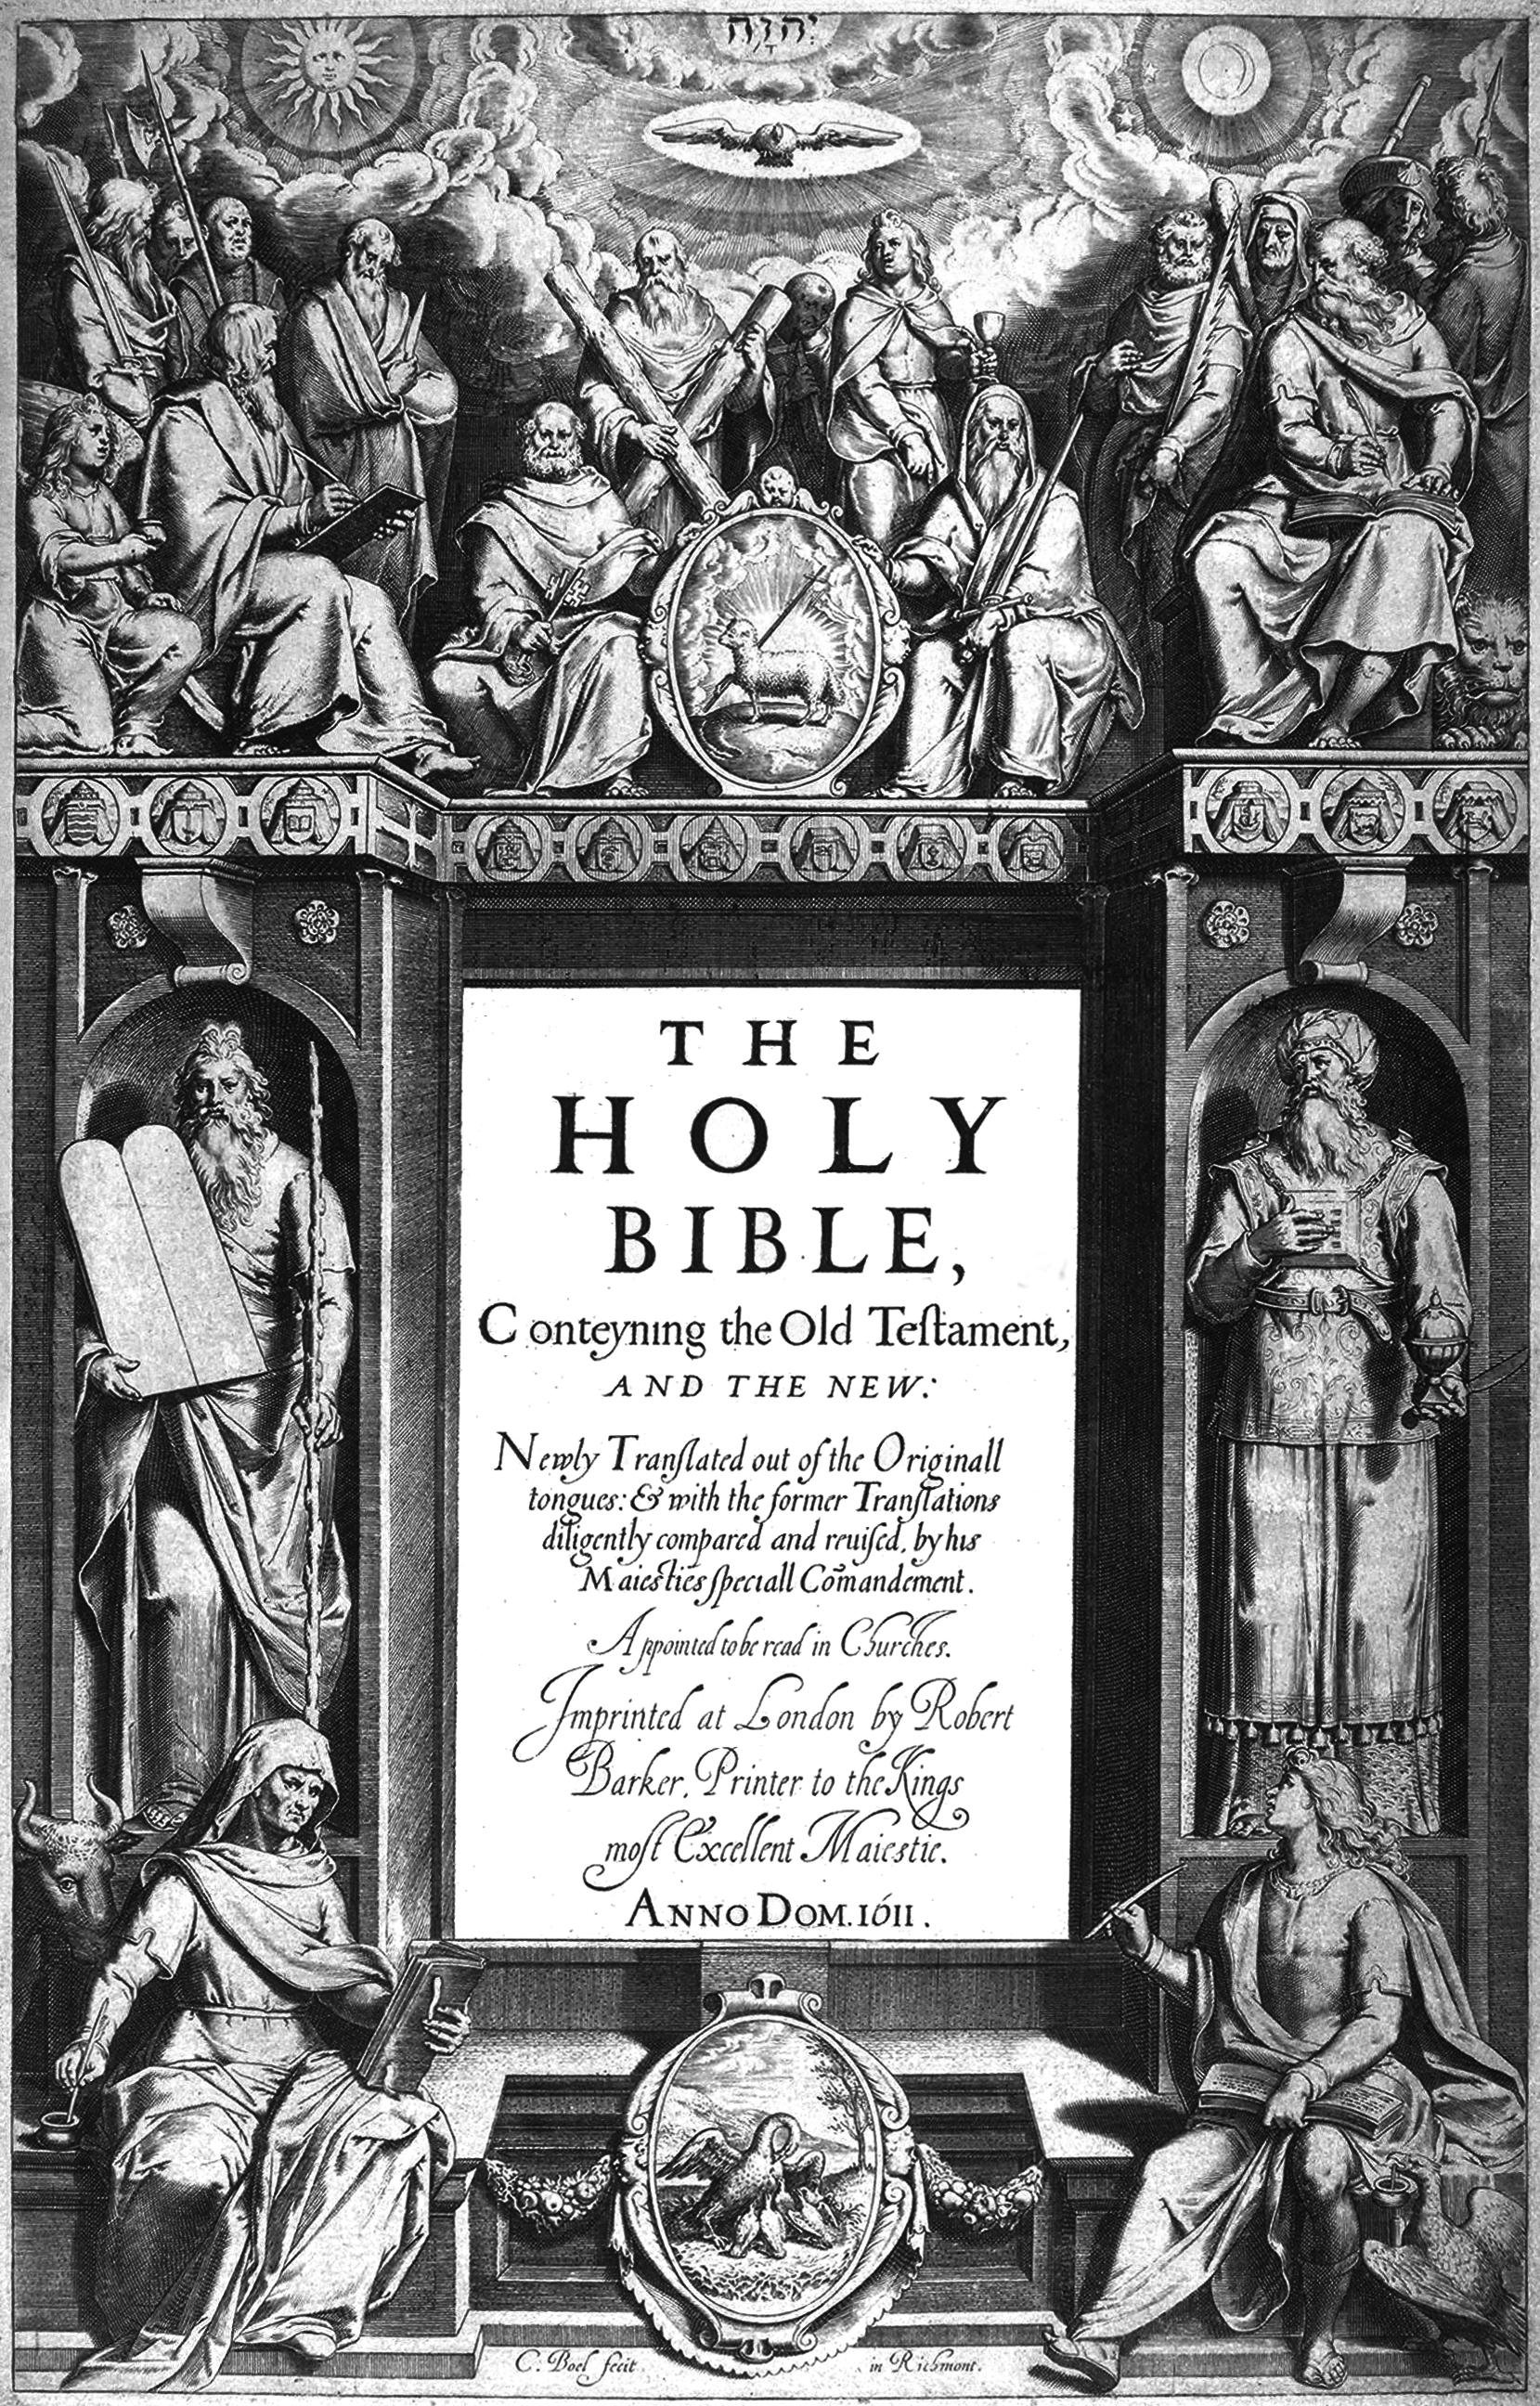 Veja tudo o que saiu no Migalhas sobre Bíblia do Rei Jaime